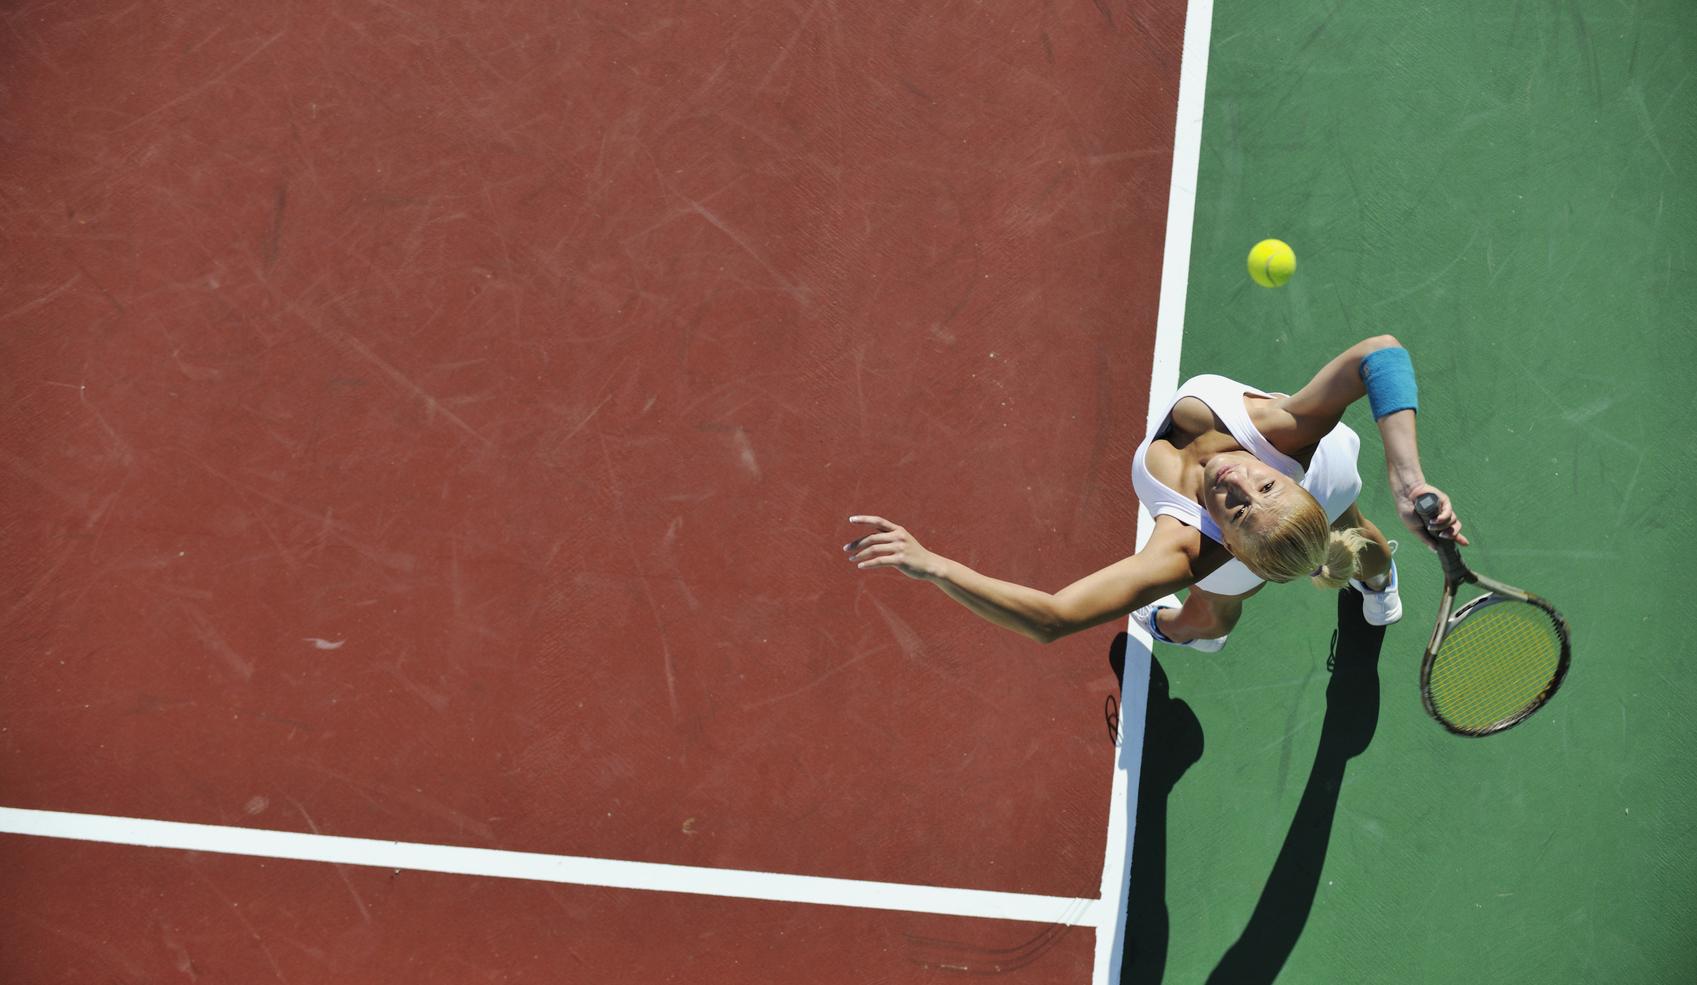 racket drop article